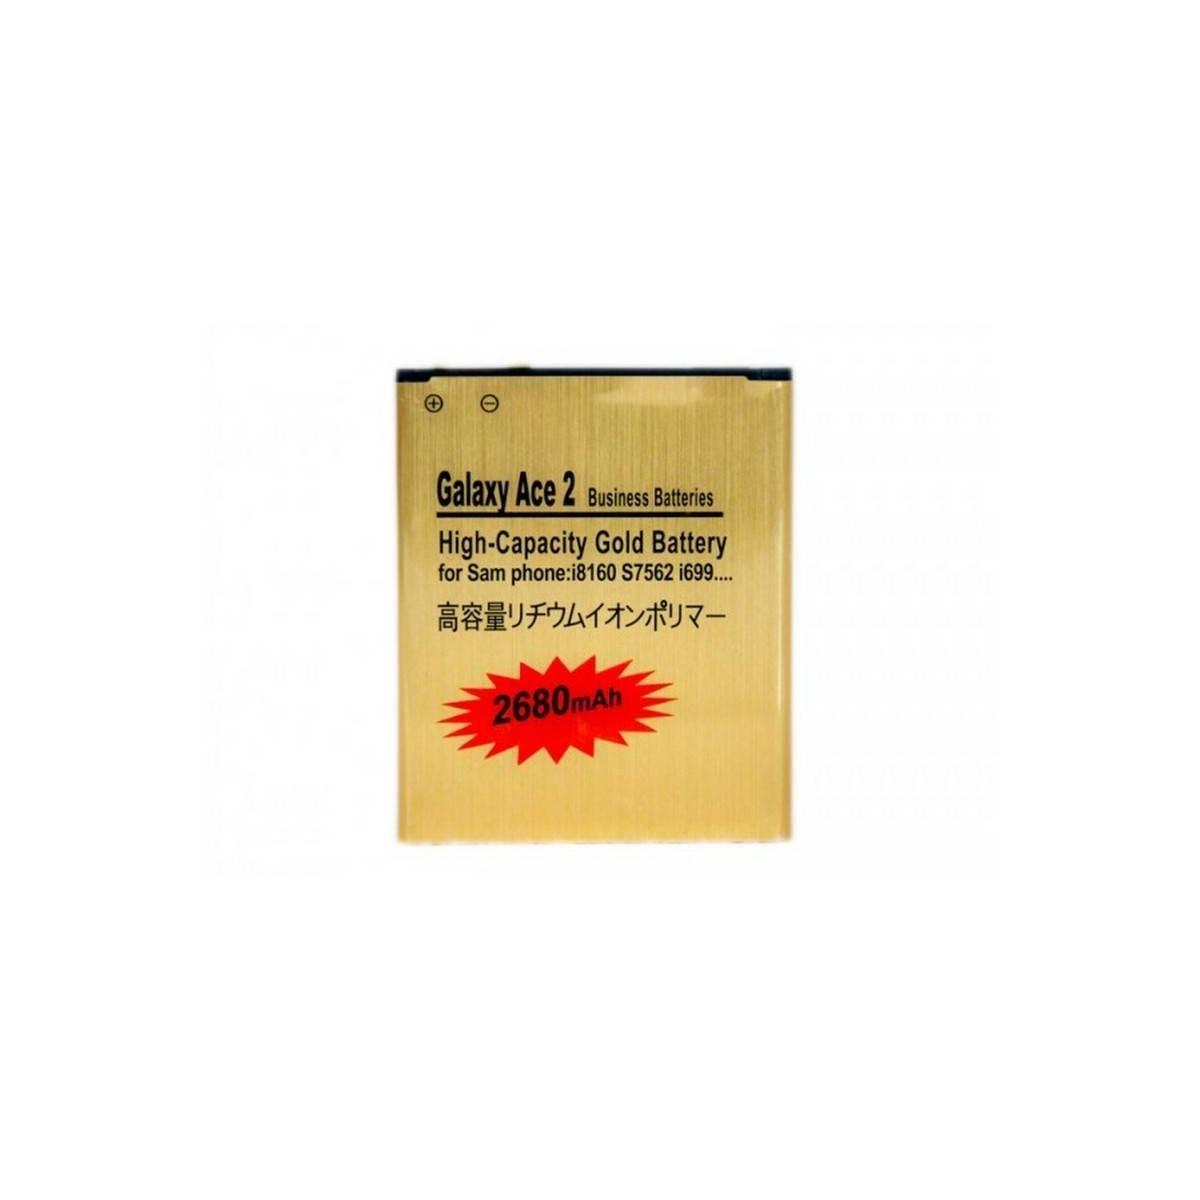 Bateria compatible 2450mAh alta capacidad galaxy Ace 2 I8160